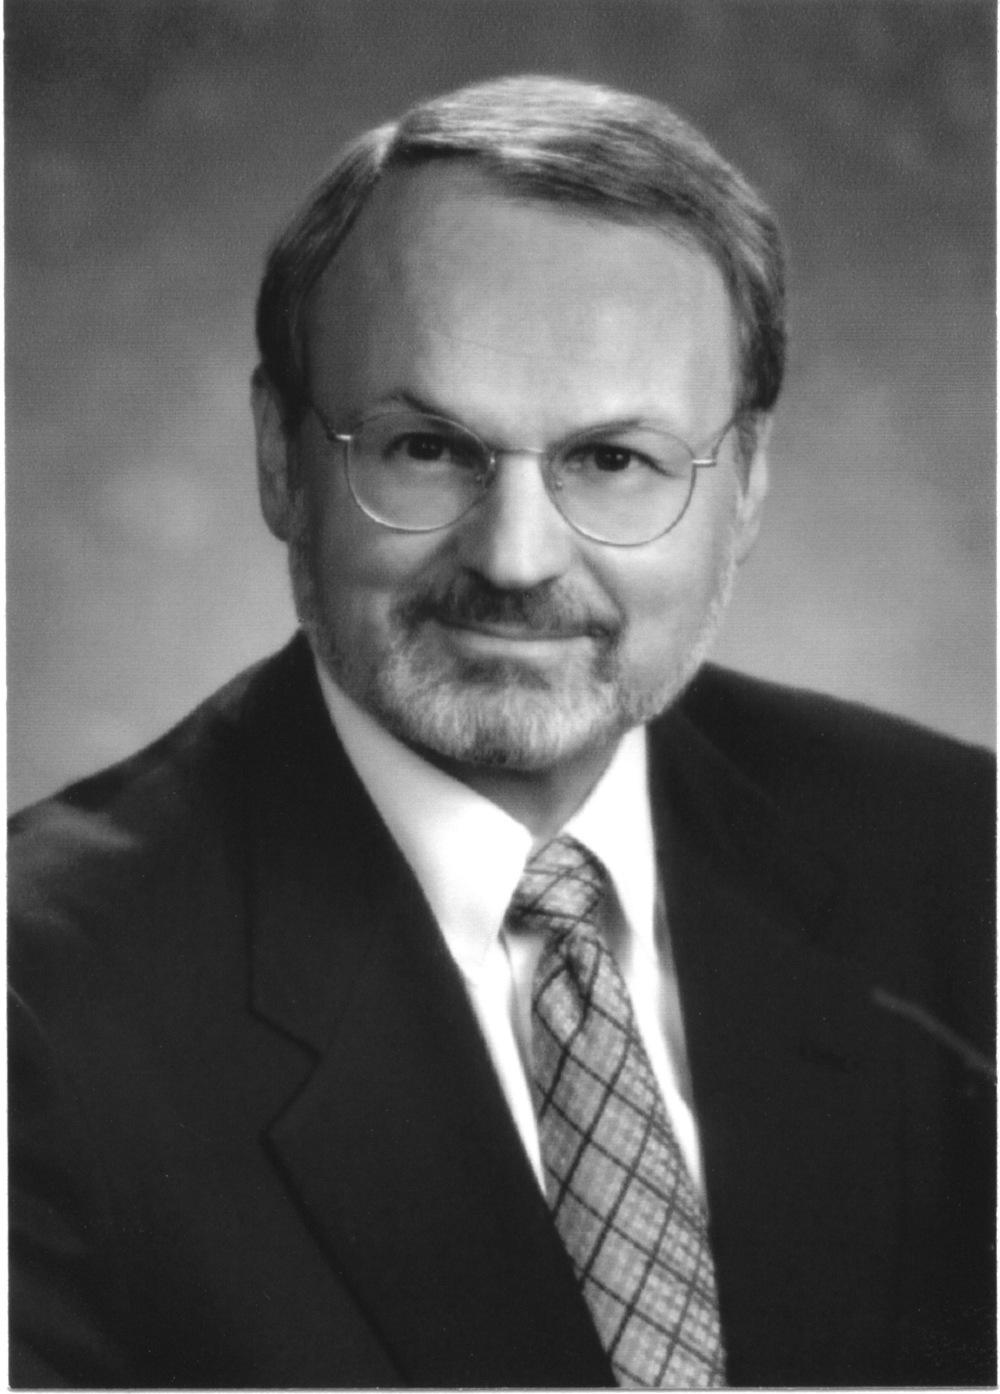 ZOA National President Mort Klein